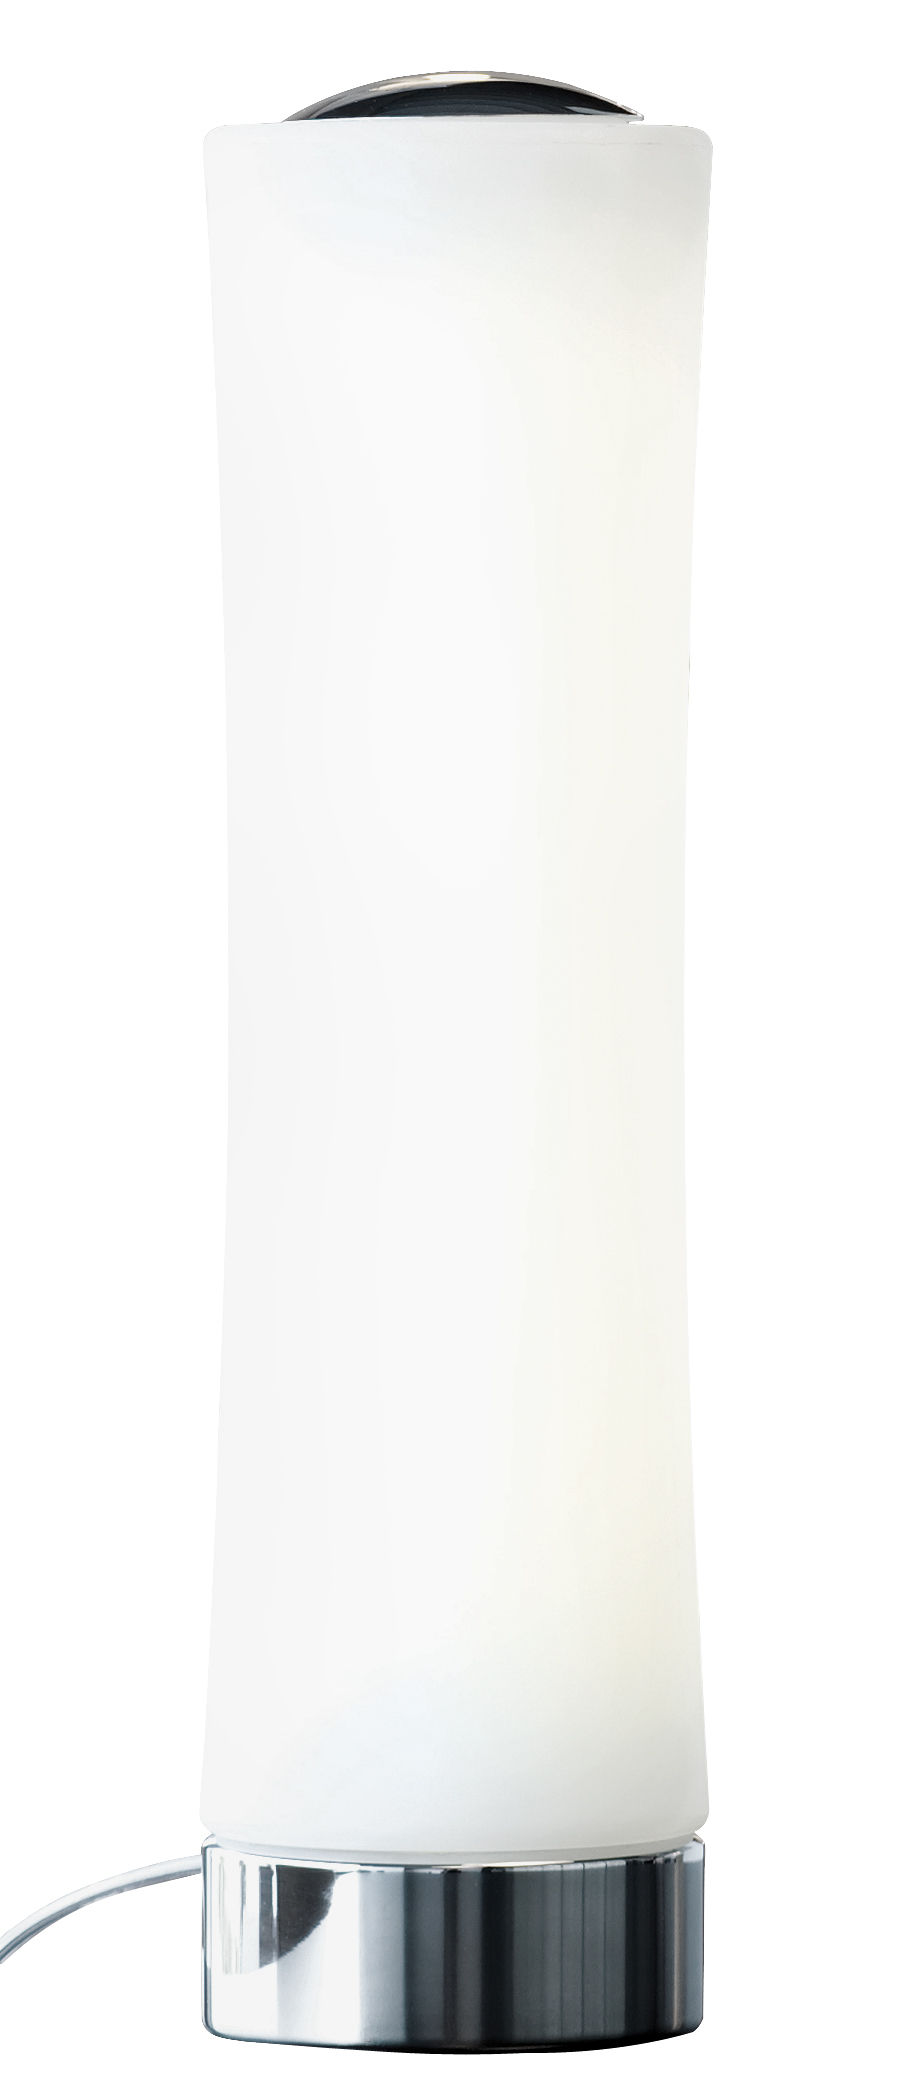 Leuchten - Tischleuchten - Také 01 Tischleuchte LED - H 48 cm - Lumen Center Italia - Weiß / Sockel chrom-glänzend - Aluminium, Polyäthylen